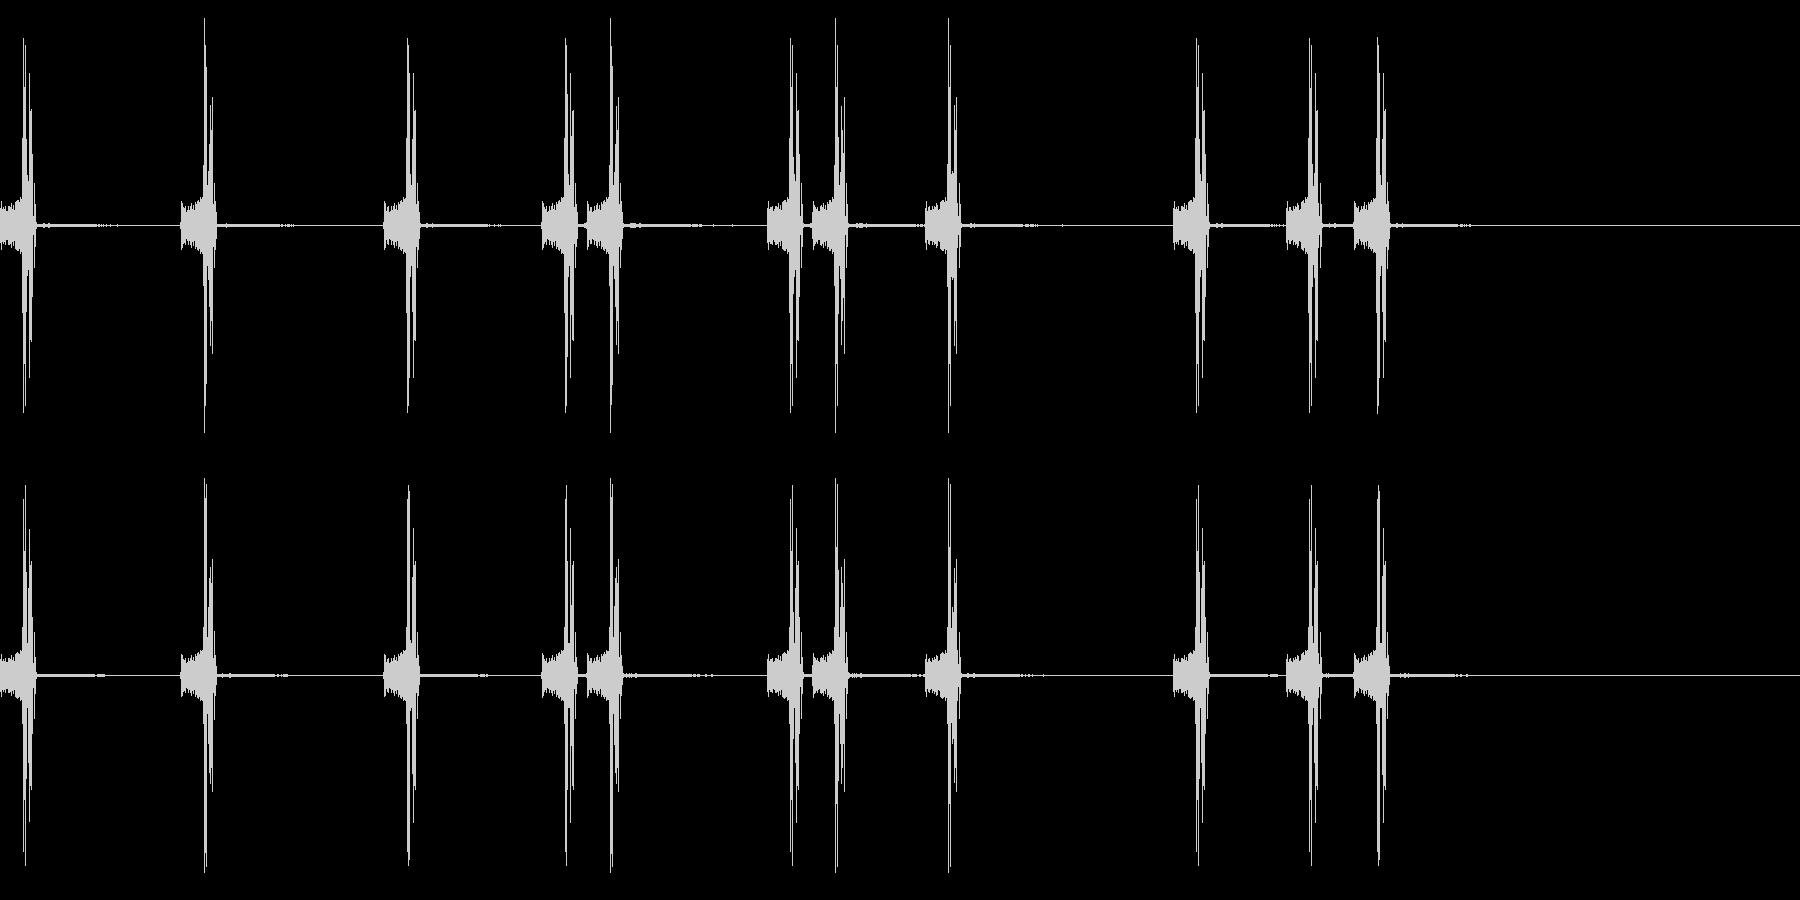 カメラのシャッター音1 の未再生の波形